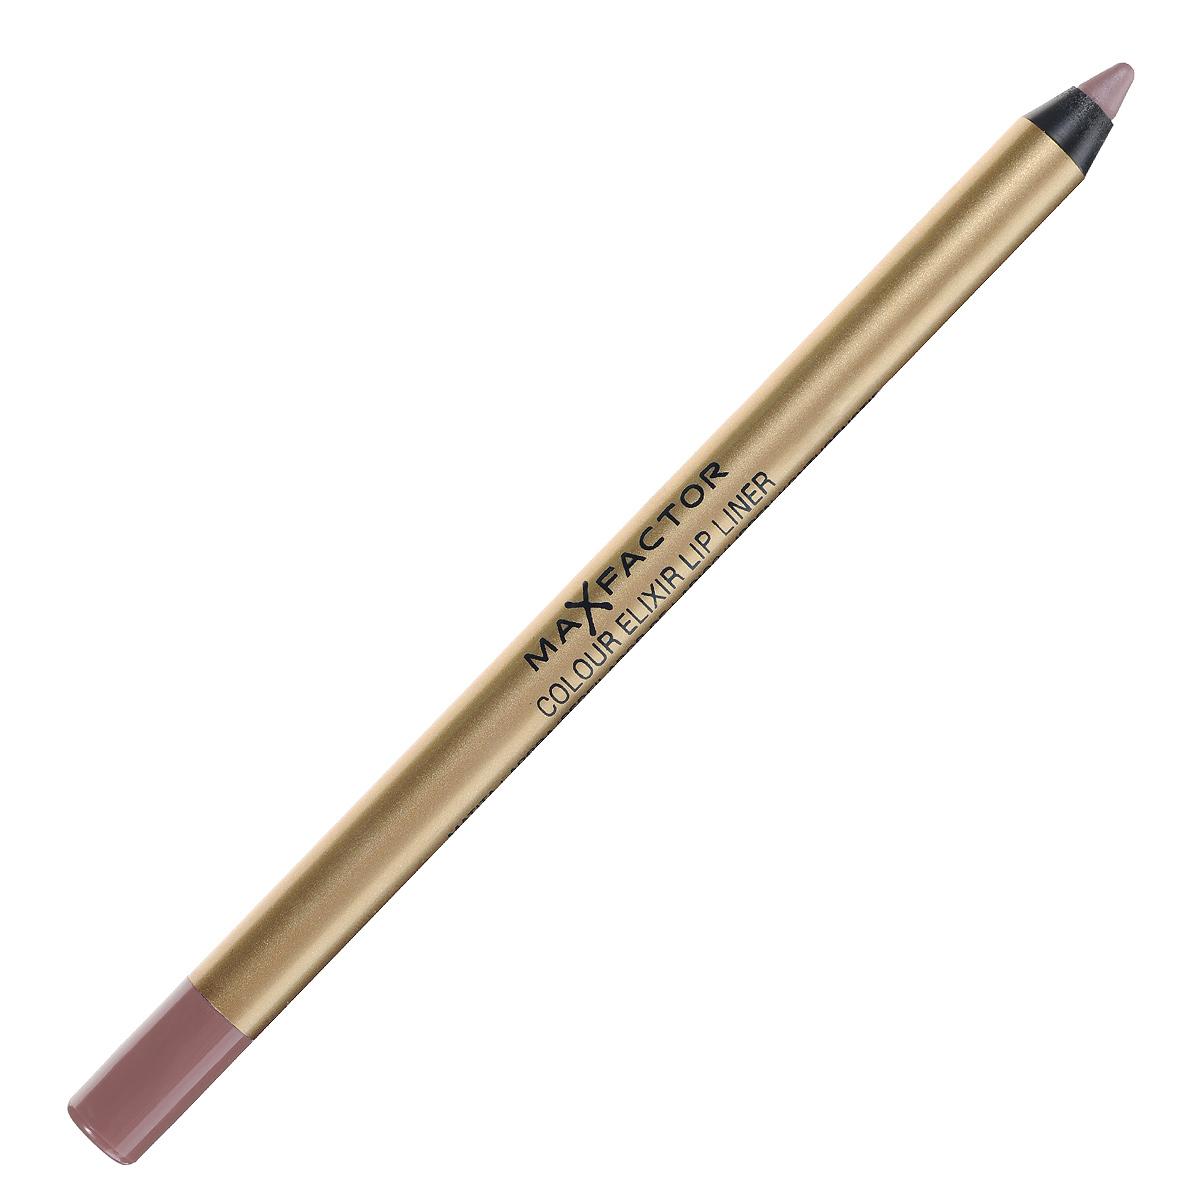 Max Factor Карандаш для губ Colour Elixir Lip Liner, тон №02 pink petal, цвет: светло-розовый111101Секрет эффектного макияжа губ - правильный карандаш. Он мягко касается губ и рисует точную линию, подчеркивая контур и одновременно ухаживая за губами. Карандаш для губ Colour Elixir подчеркивает твои губы, придавая им форму. - Роскошный цвет и увлажнение для мягких и гладких губ. - Оттенки подходят к палитре помады Colour Elixir. - Легко наносится.1. Выбирай карандаш на один тон темнее твоей помады 2. Наточи карандаш и смягчи кончик салфеткой 3. Подведи губы в уголках, дугу Купидона и середину нижней губы, затем соедини линии 4. Нанеси несколько легких штрихов на губы, чтобы помада держалась дольше.